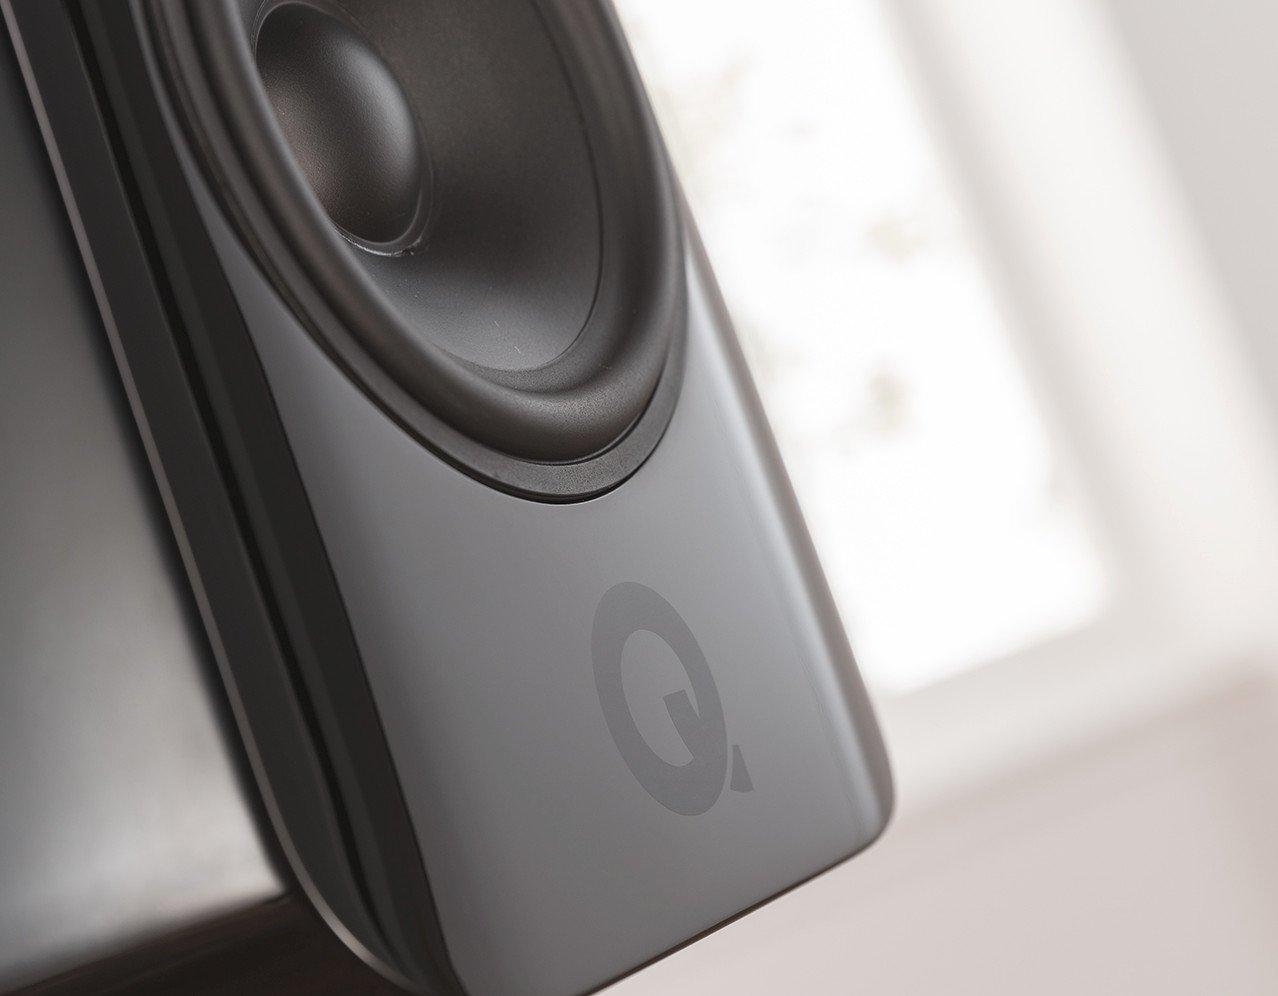 Đang tải tinhte-Q-Acoustics-concept-300-7.jpg…